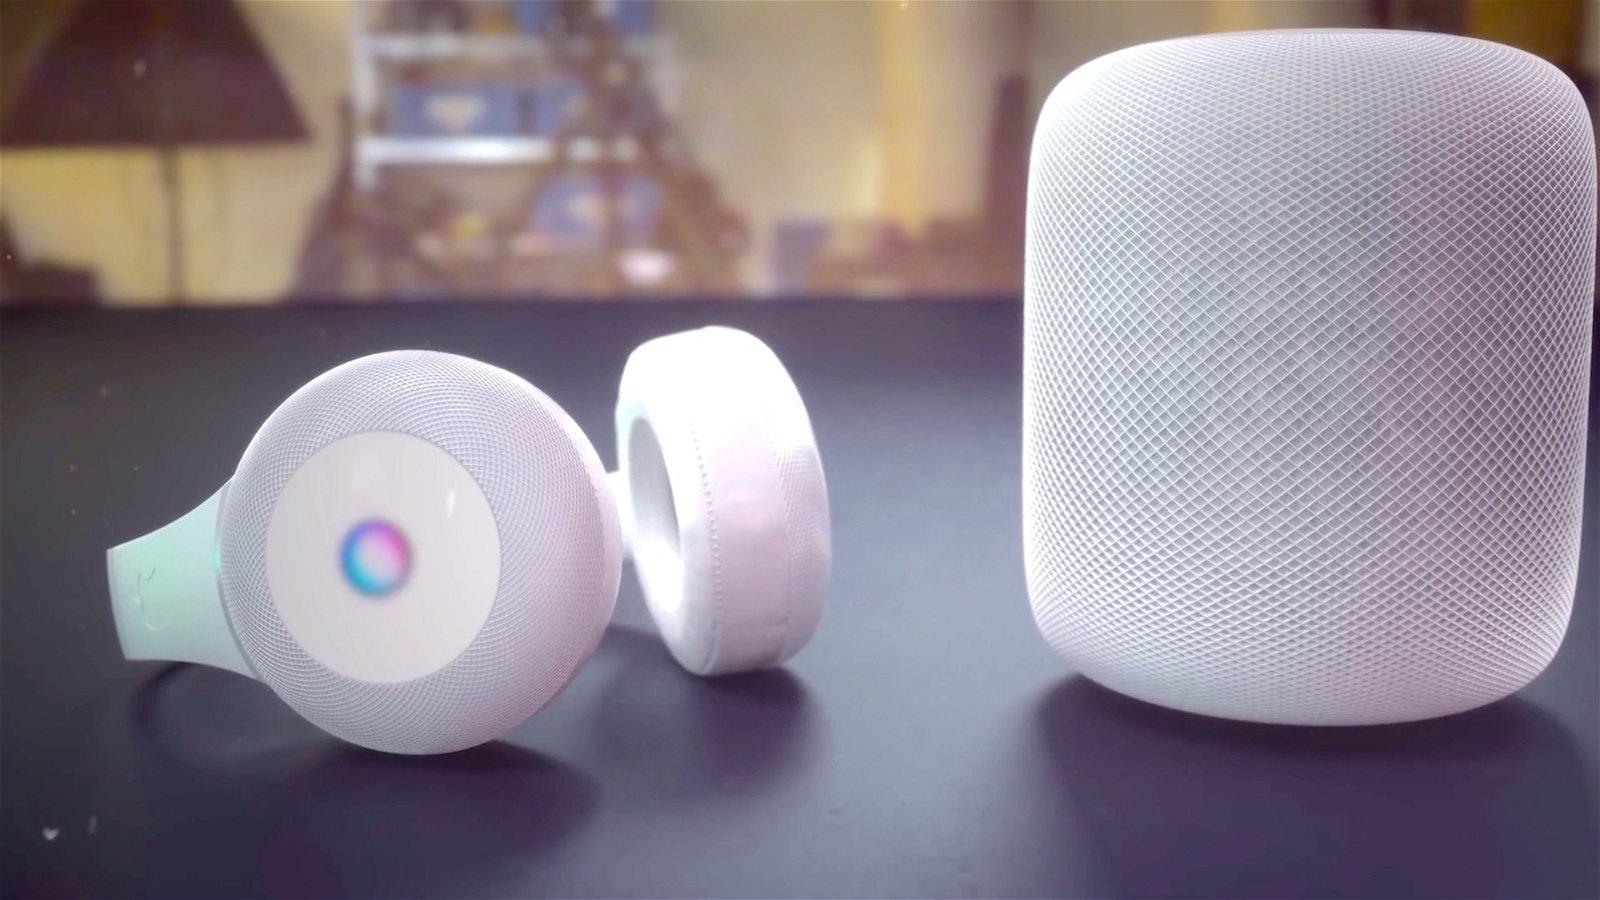 Estos son los 7 productos futuristas que Apple podría presentar antes de lo que pensamos